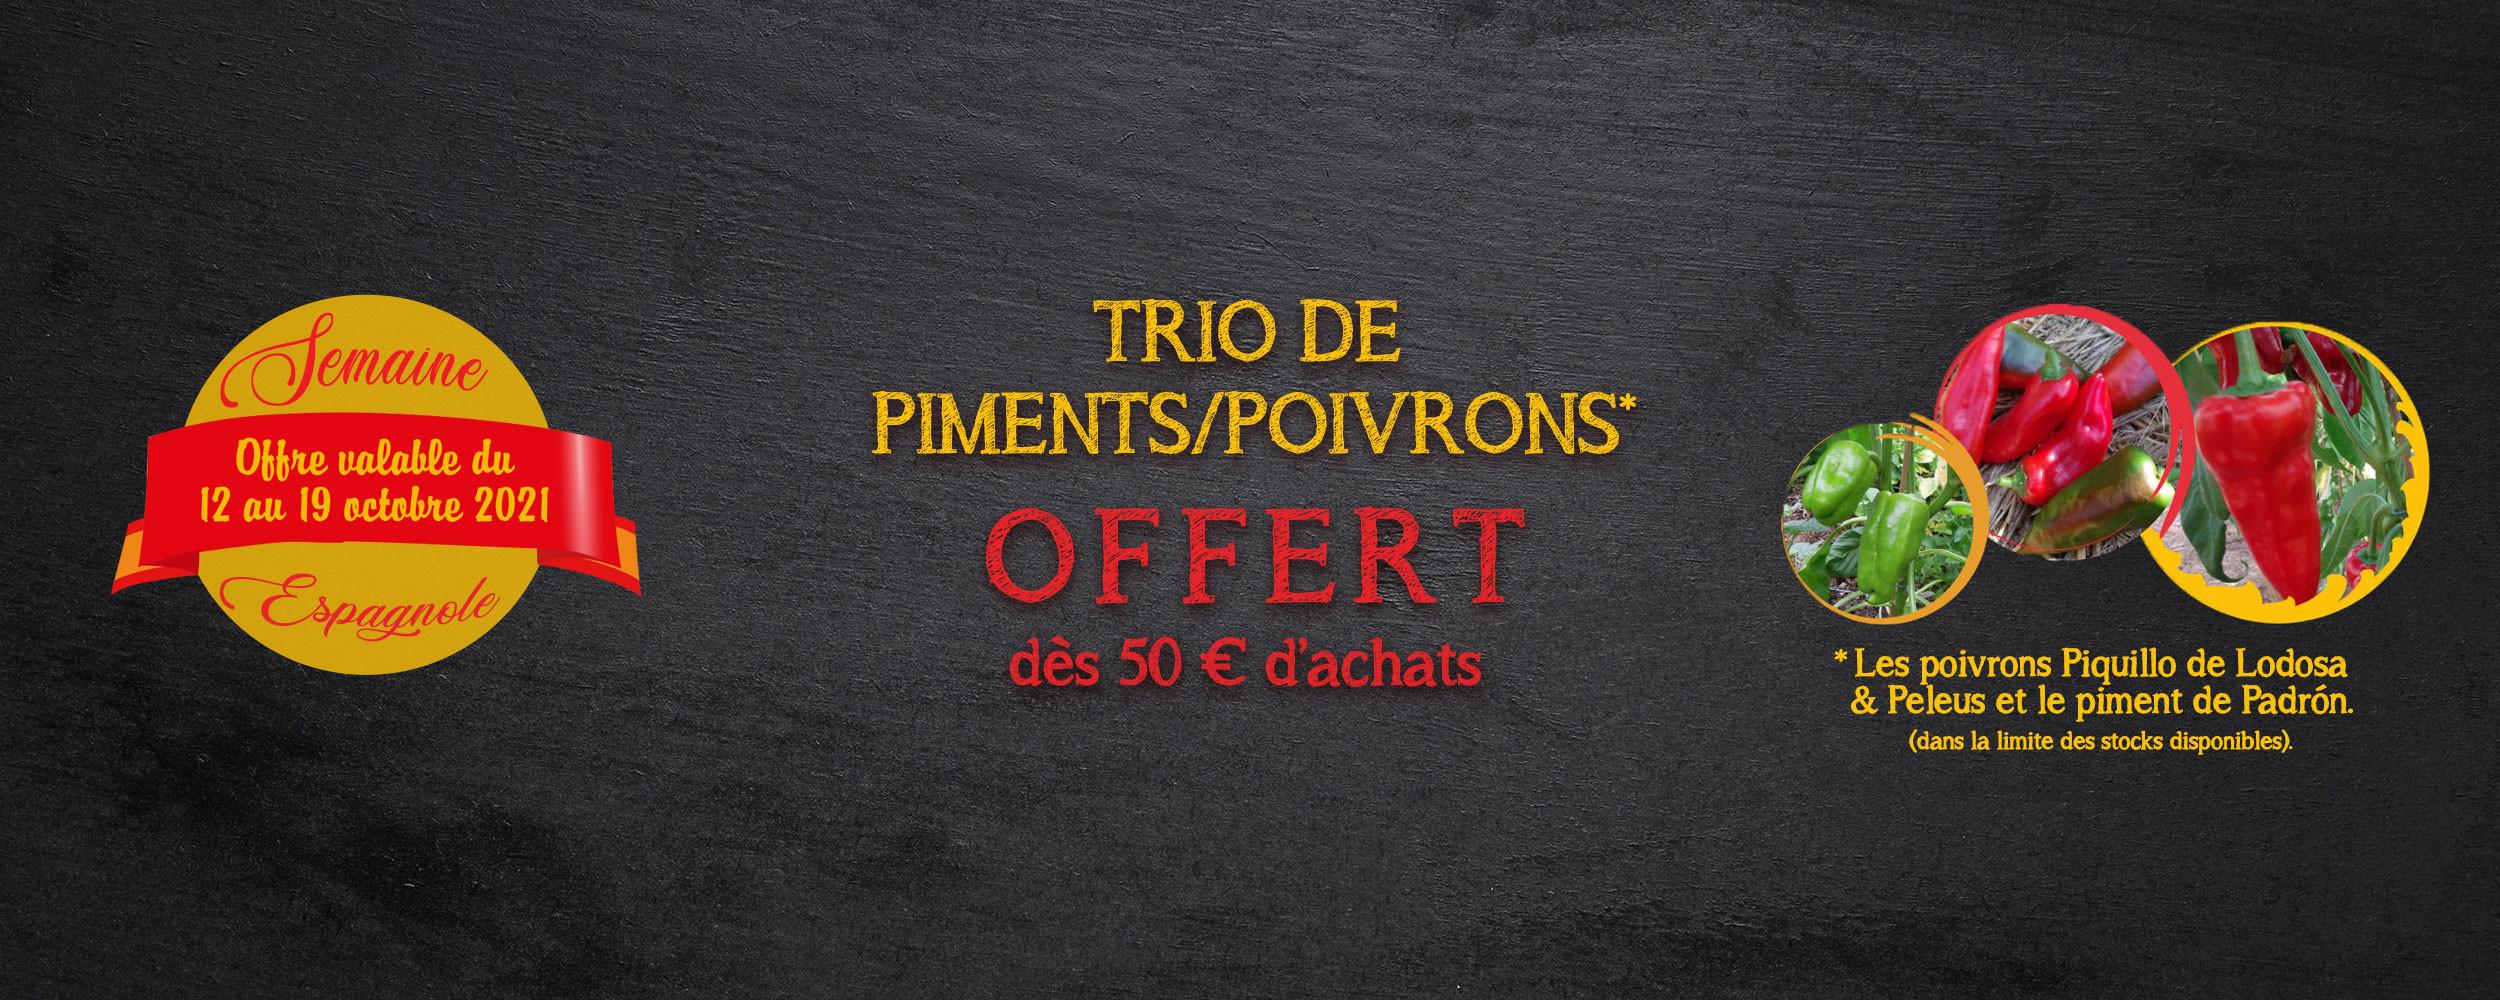 Semaine espagnole du 12 au 19 octobre